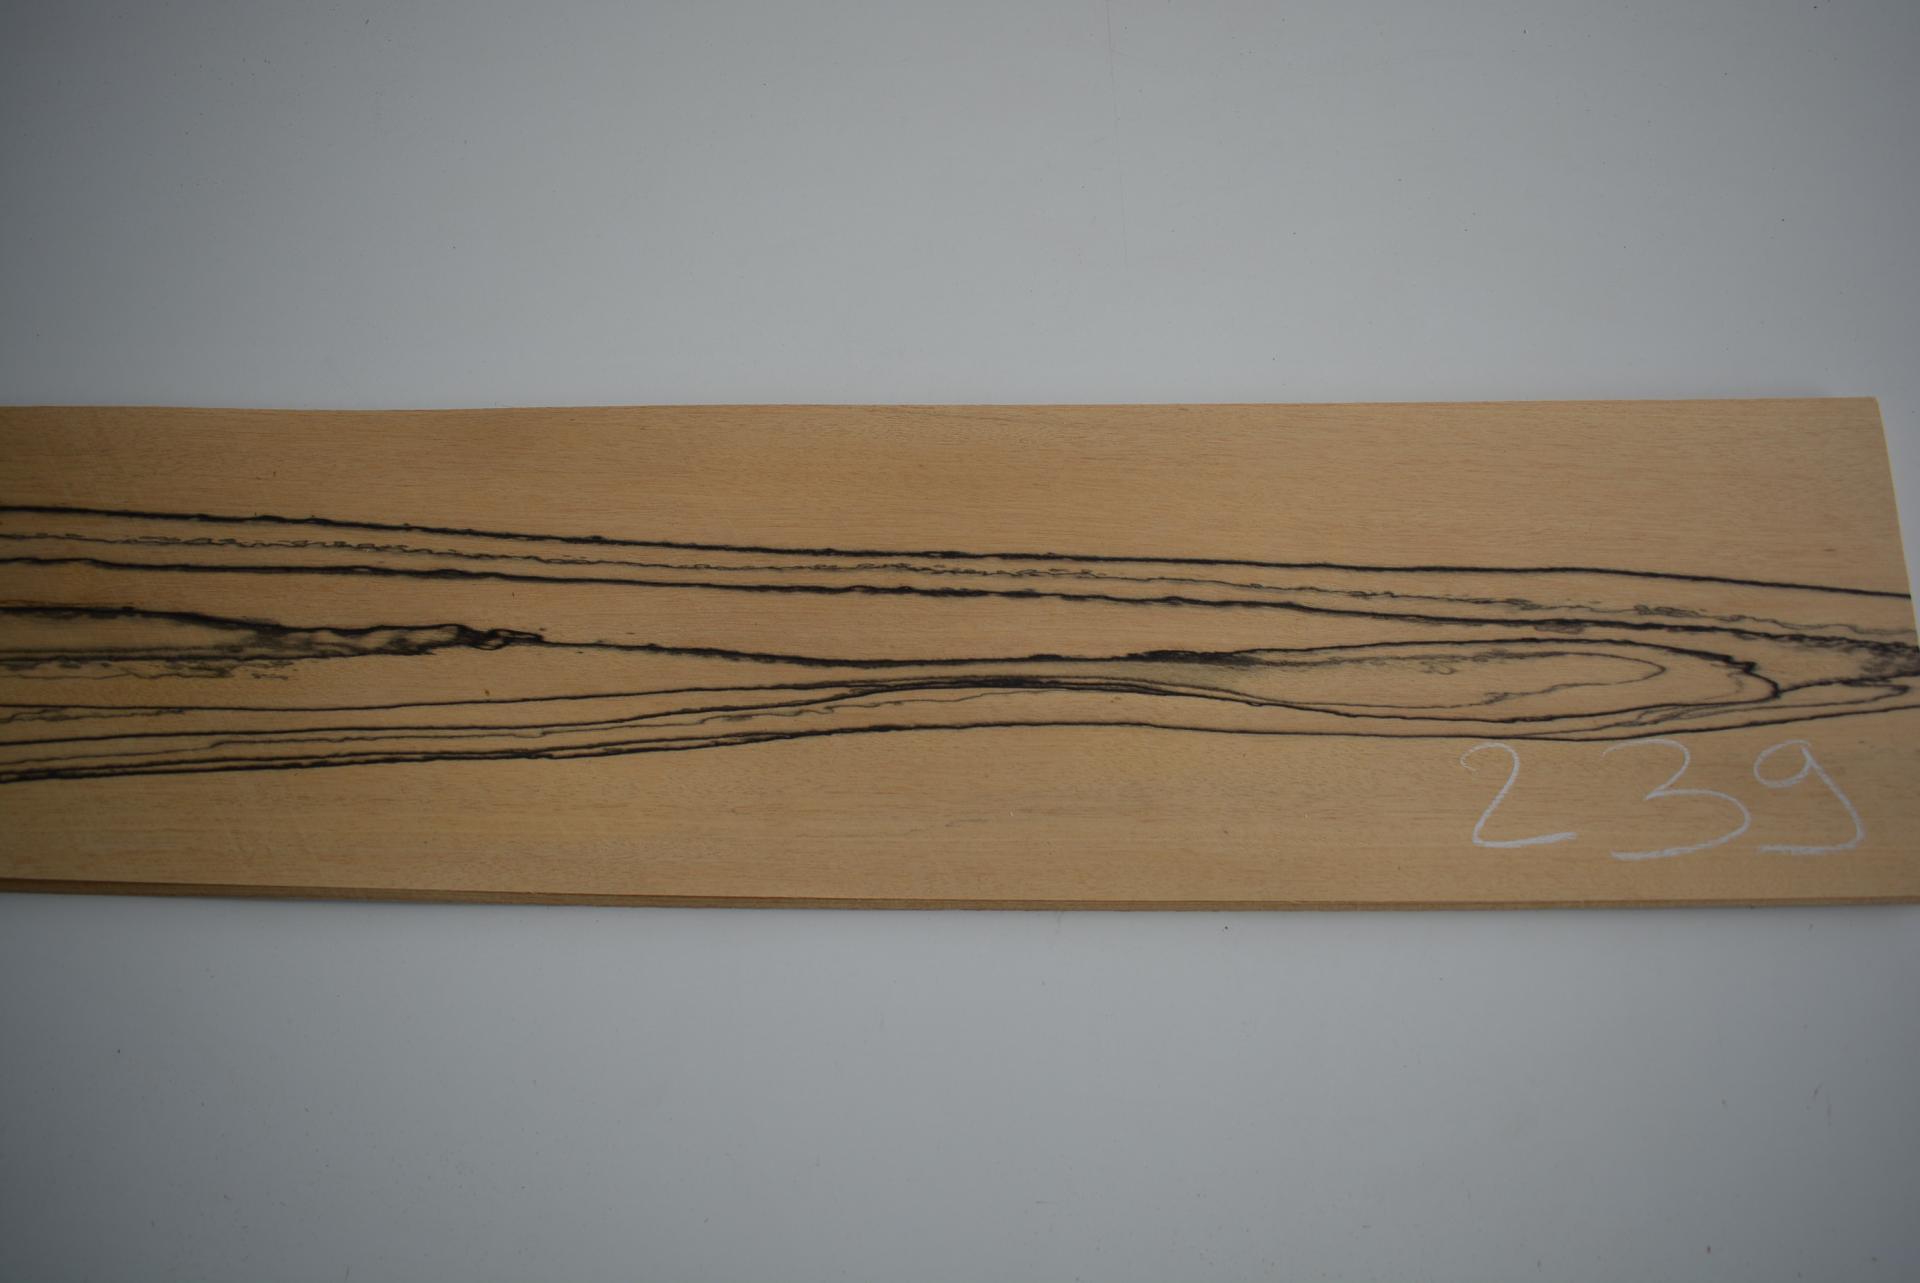 239 placage ebene blanc marqueterie feuille de bois 1